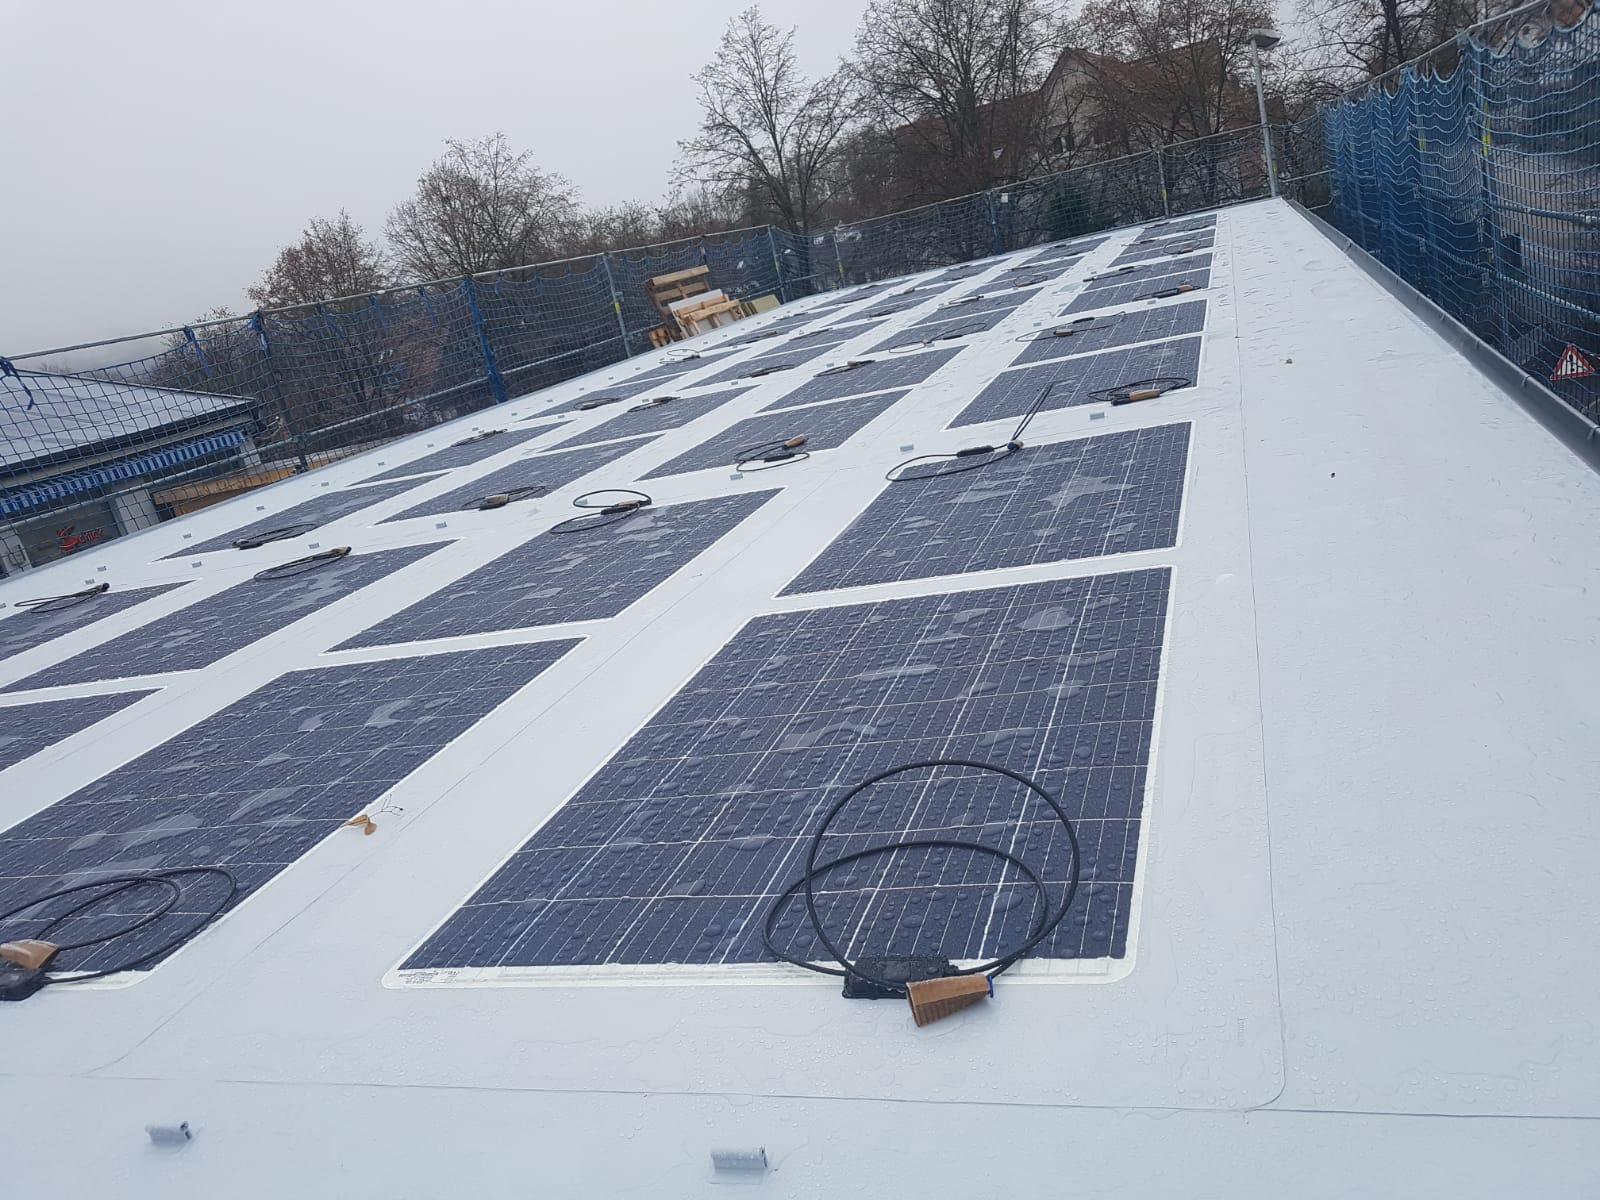 Solarfolien für Folienflachdächer - Referenzanlage